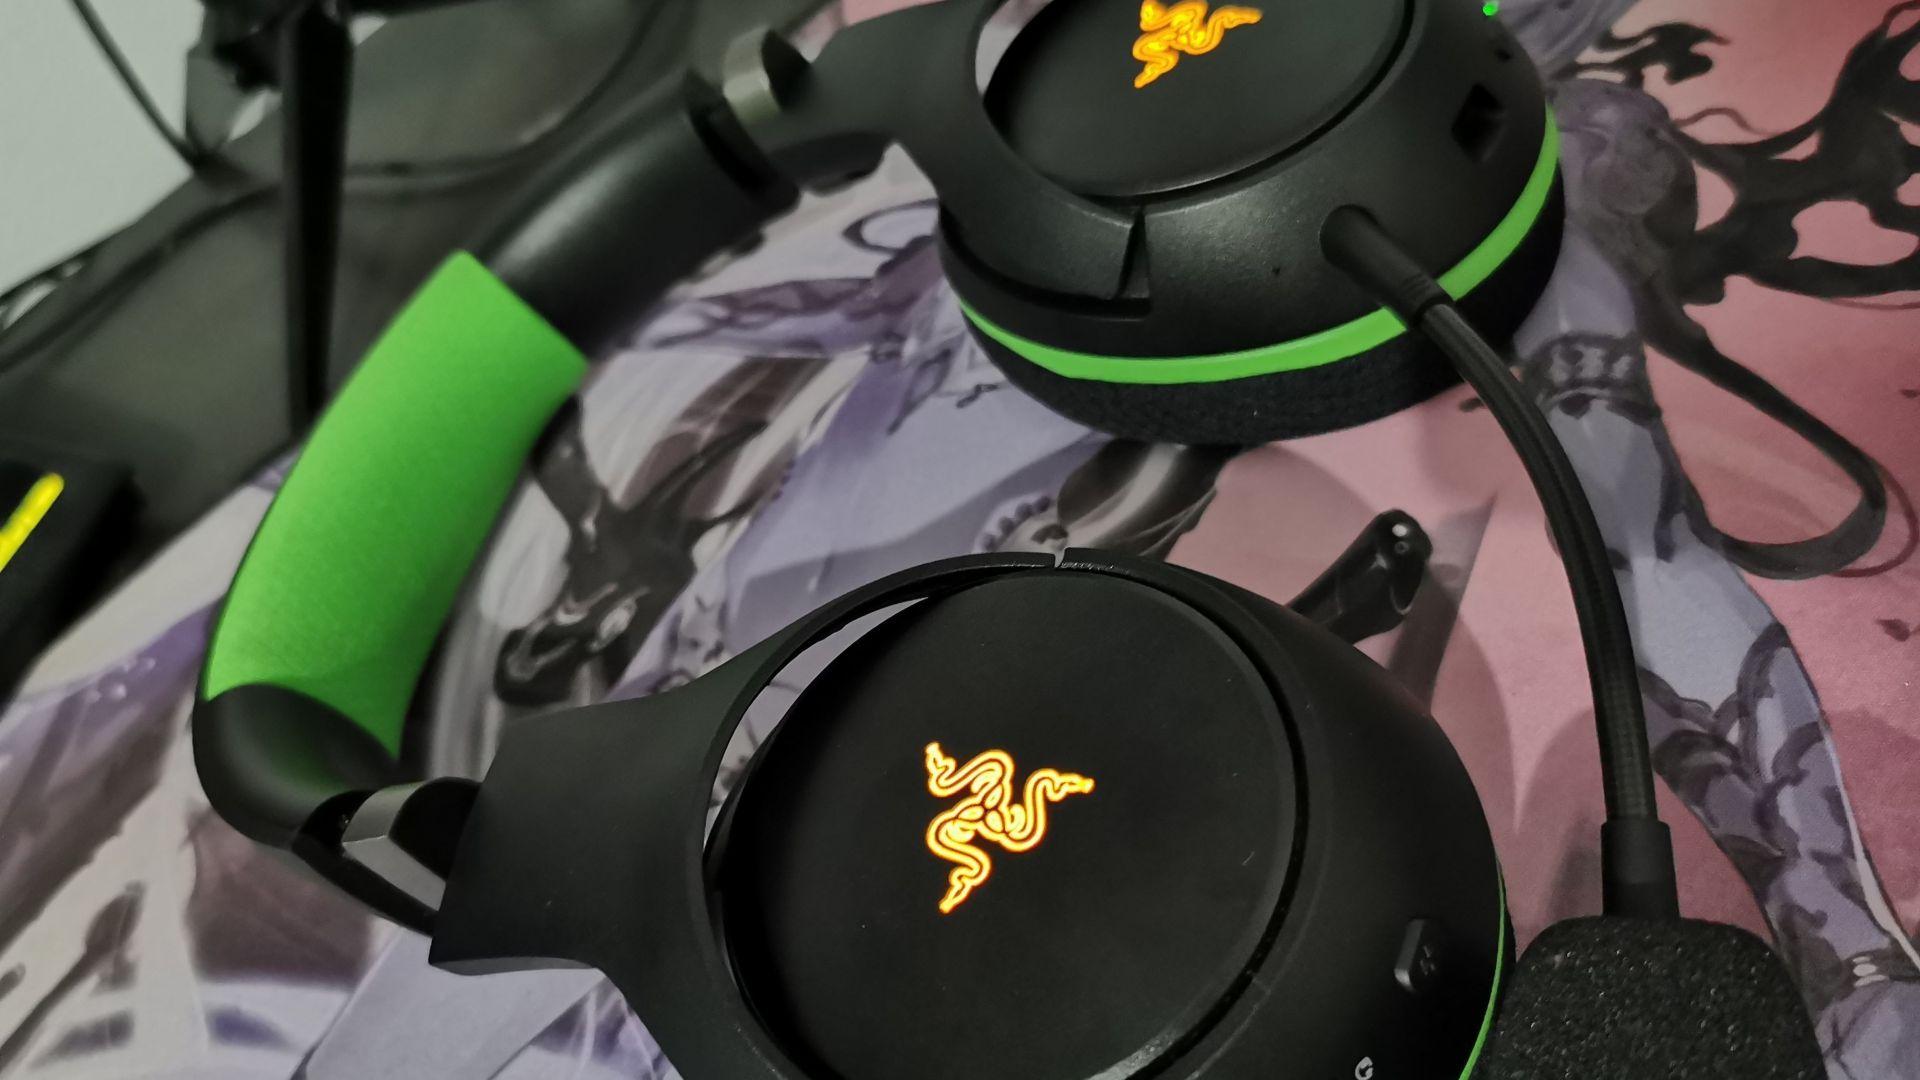 Analizamos los Razer Kaira Pro para Xbox, una experiencia sin igual - En esta ocasión os traemos nuestras impresiones tras 2 semanas de uso de los Razer Kaira Pro, unos auriculares inalámbricos sin igual exclusivos para Xbox.